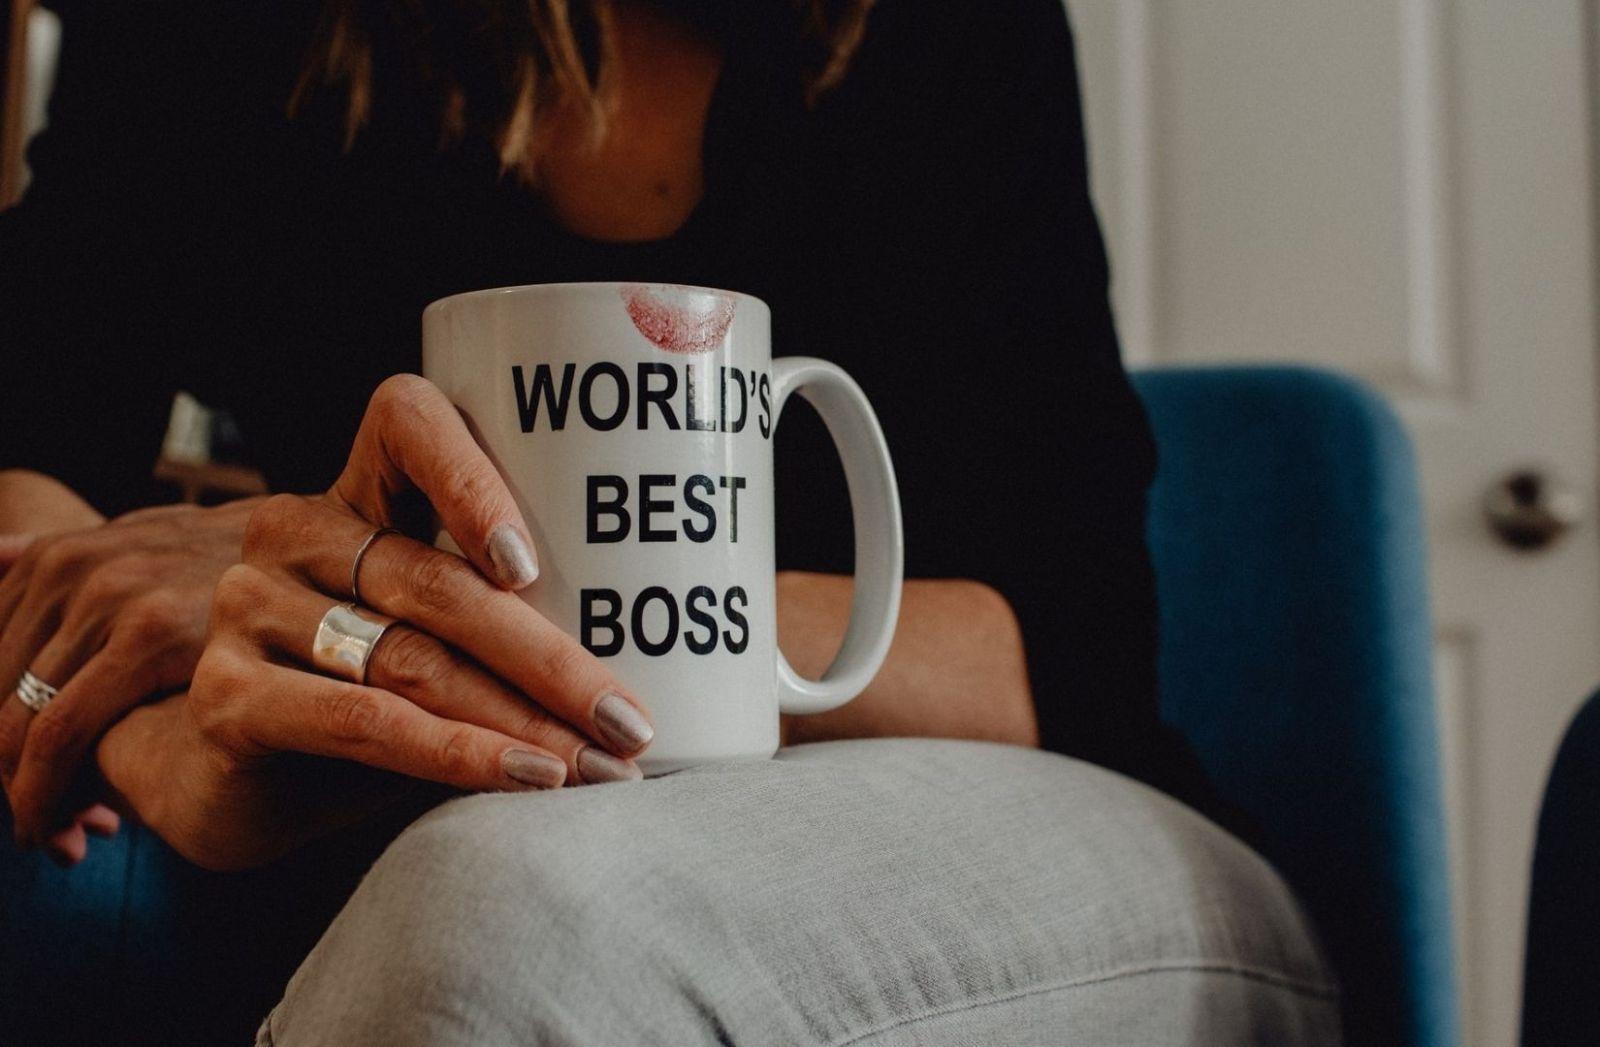 Zu den Daily Rituals gehört das Trinken von Kaffee, dem Worlds best Boss. (Foto: Kelly Sikkema, Unsplash.com)